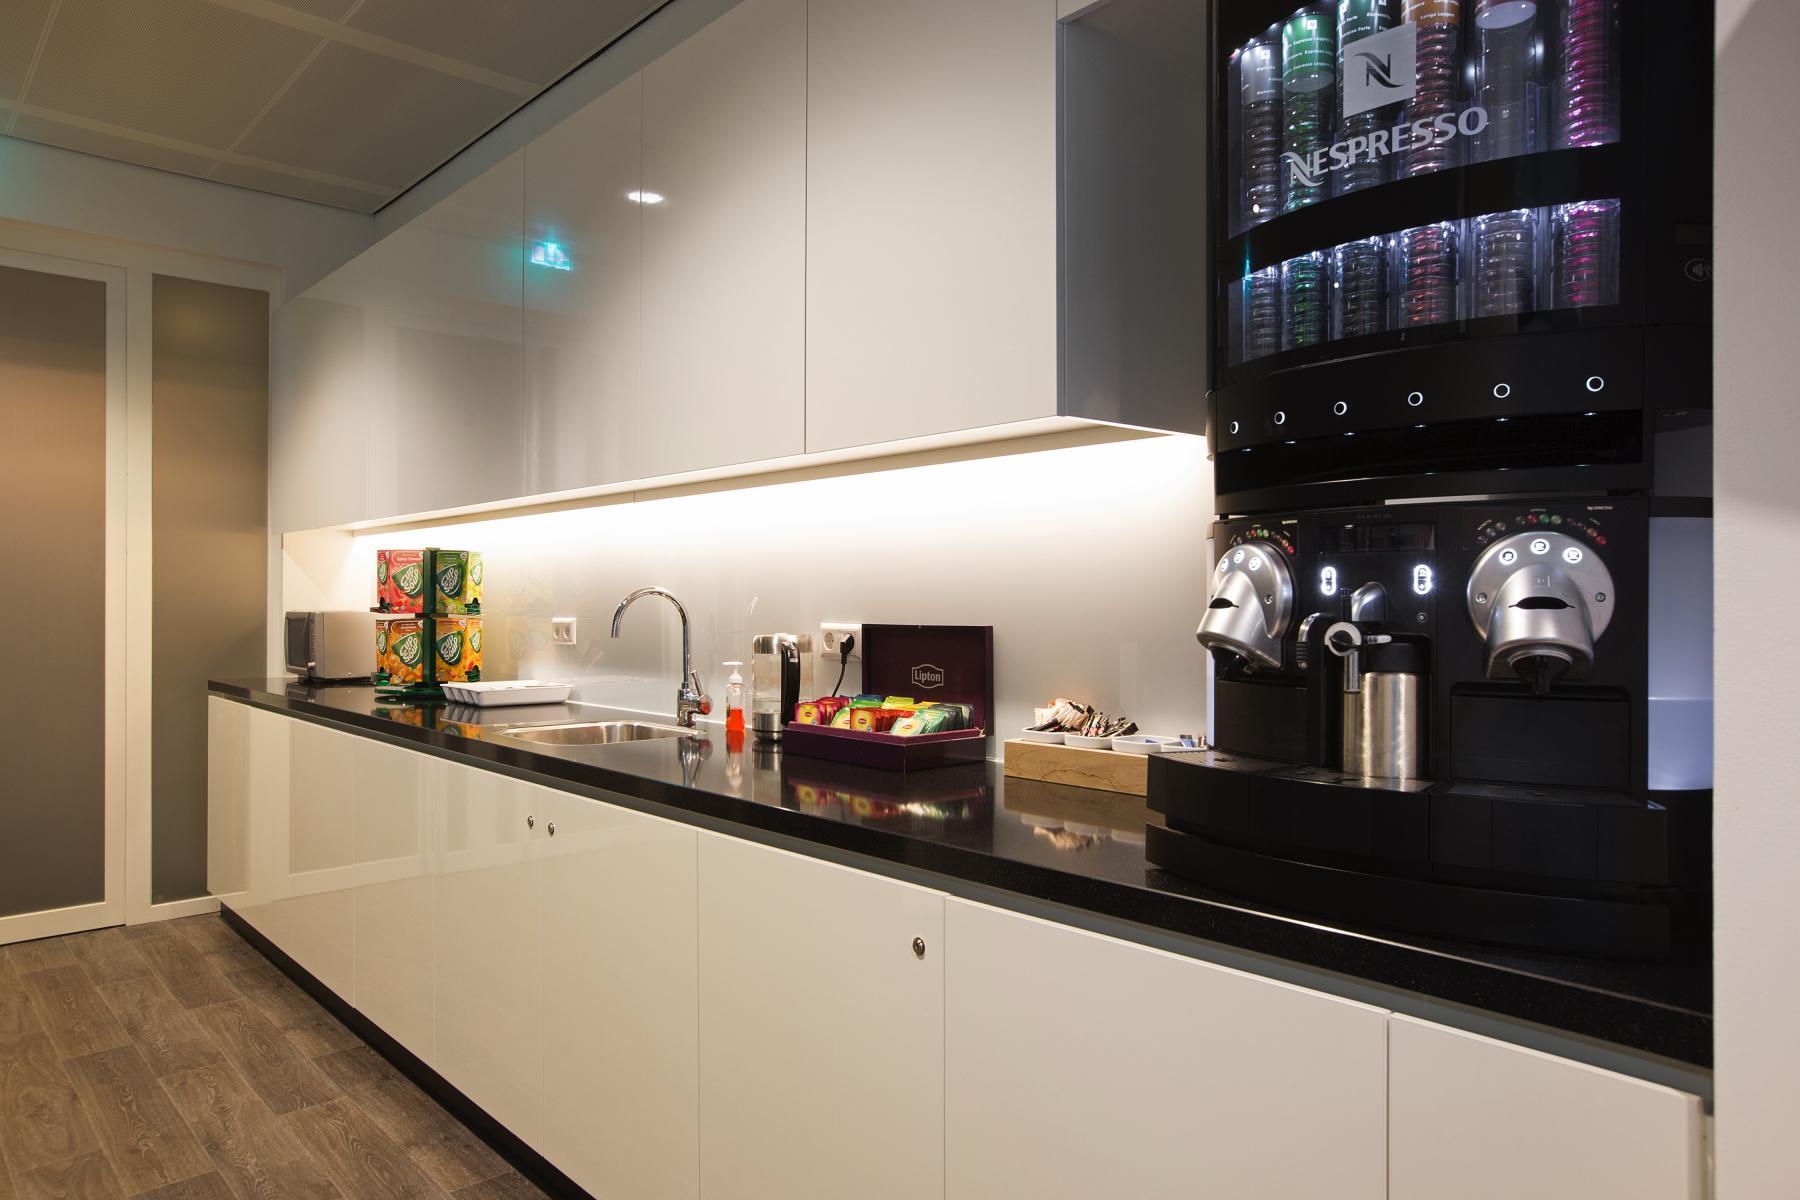 pantry koffiecorner kantoor amsterdam strawinskylaan zuidas